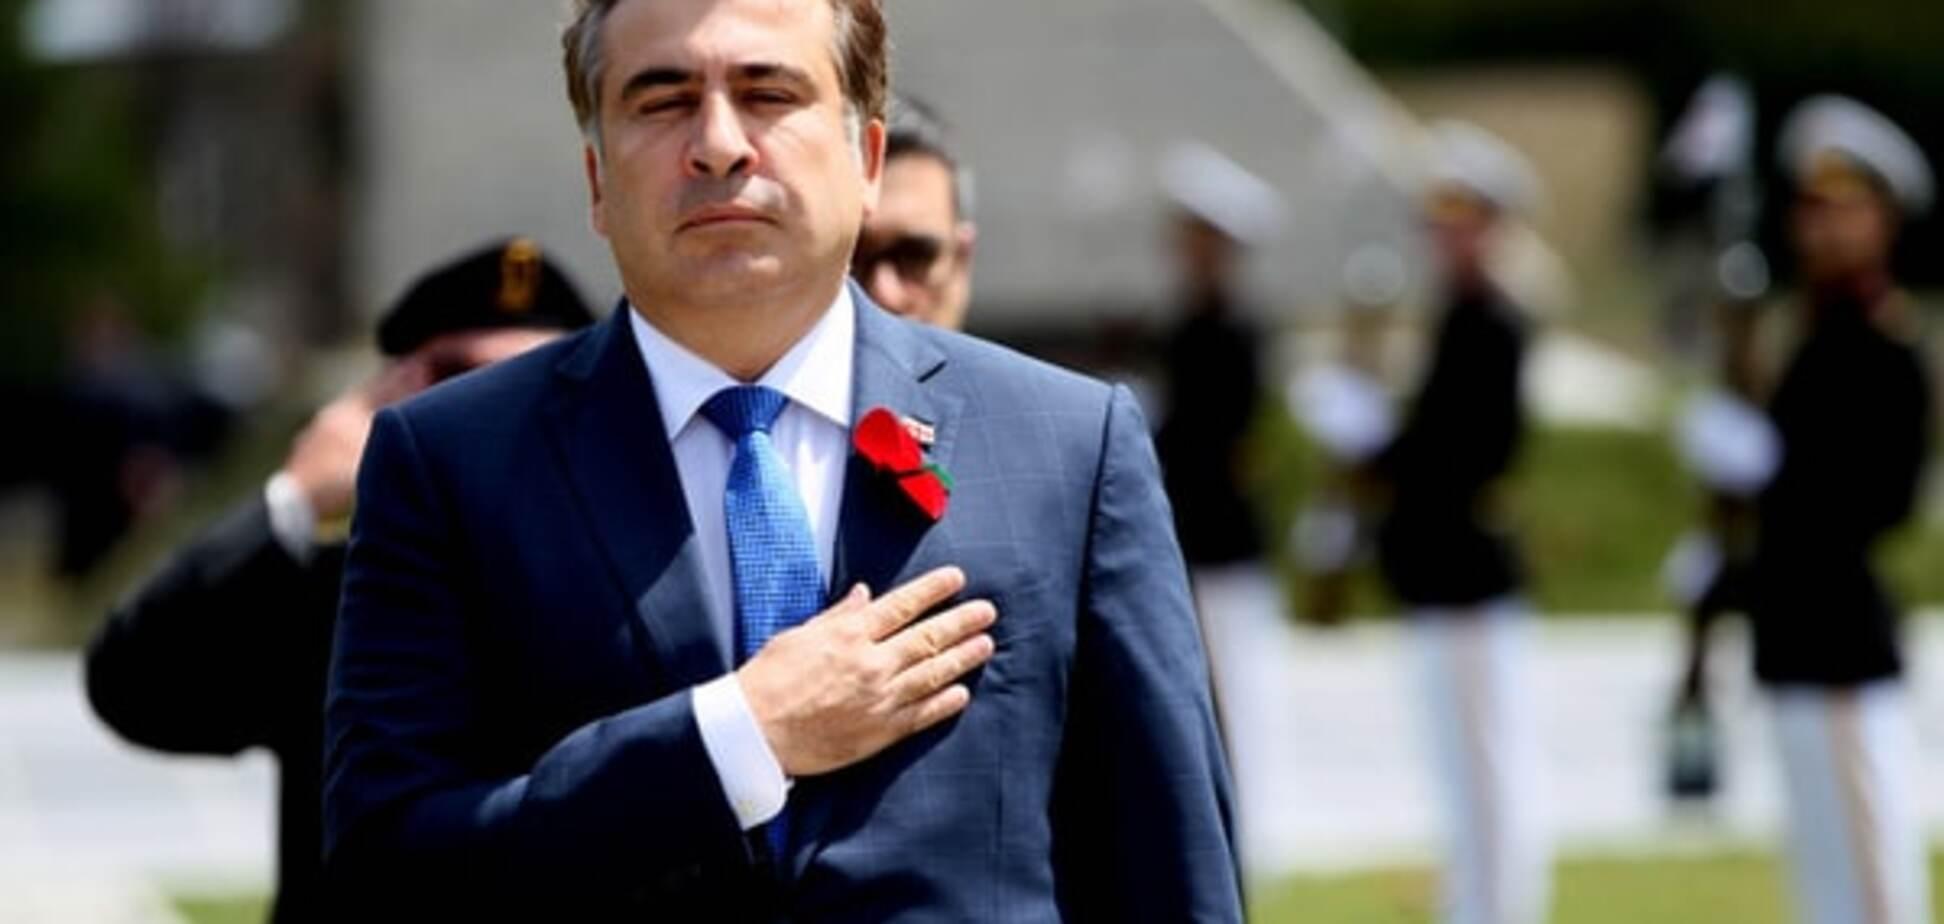 Саакашвили объяснил, почему Порошенко закрывает глаза на коррупцию